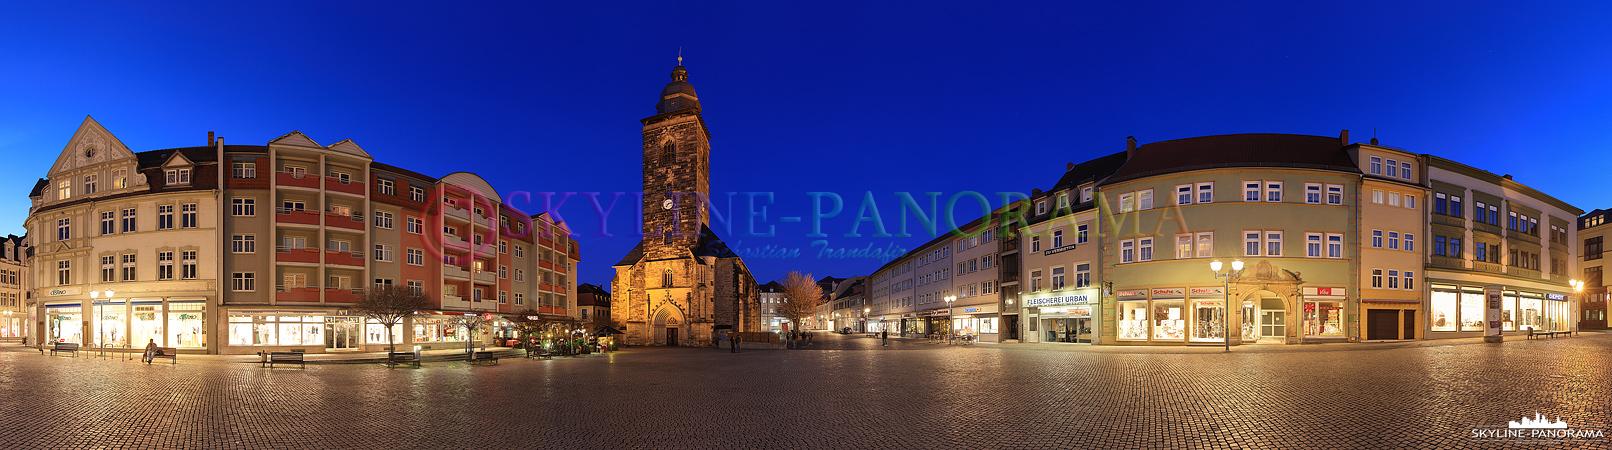 Panorama Gotha - Neumarkt